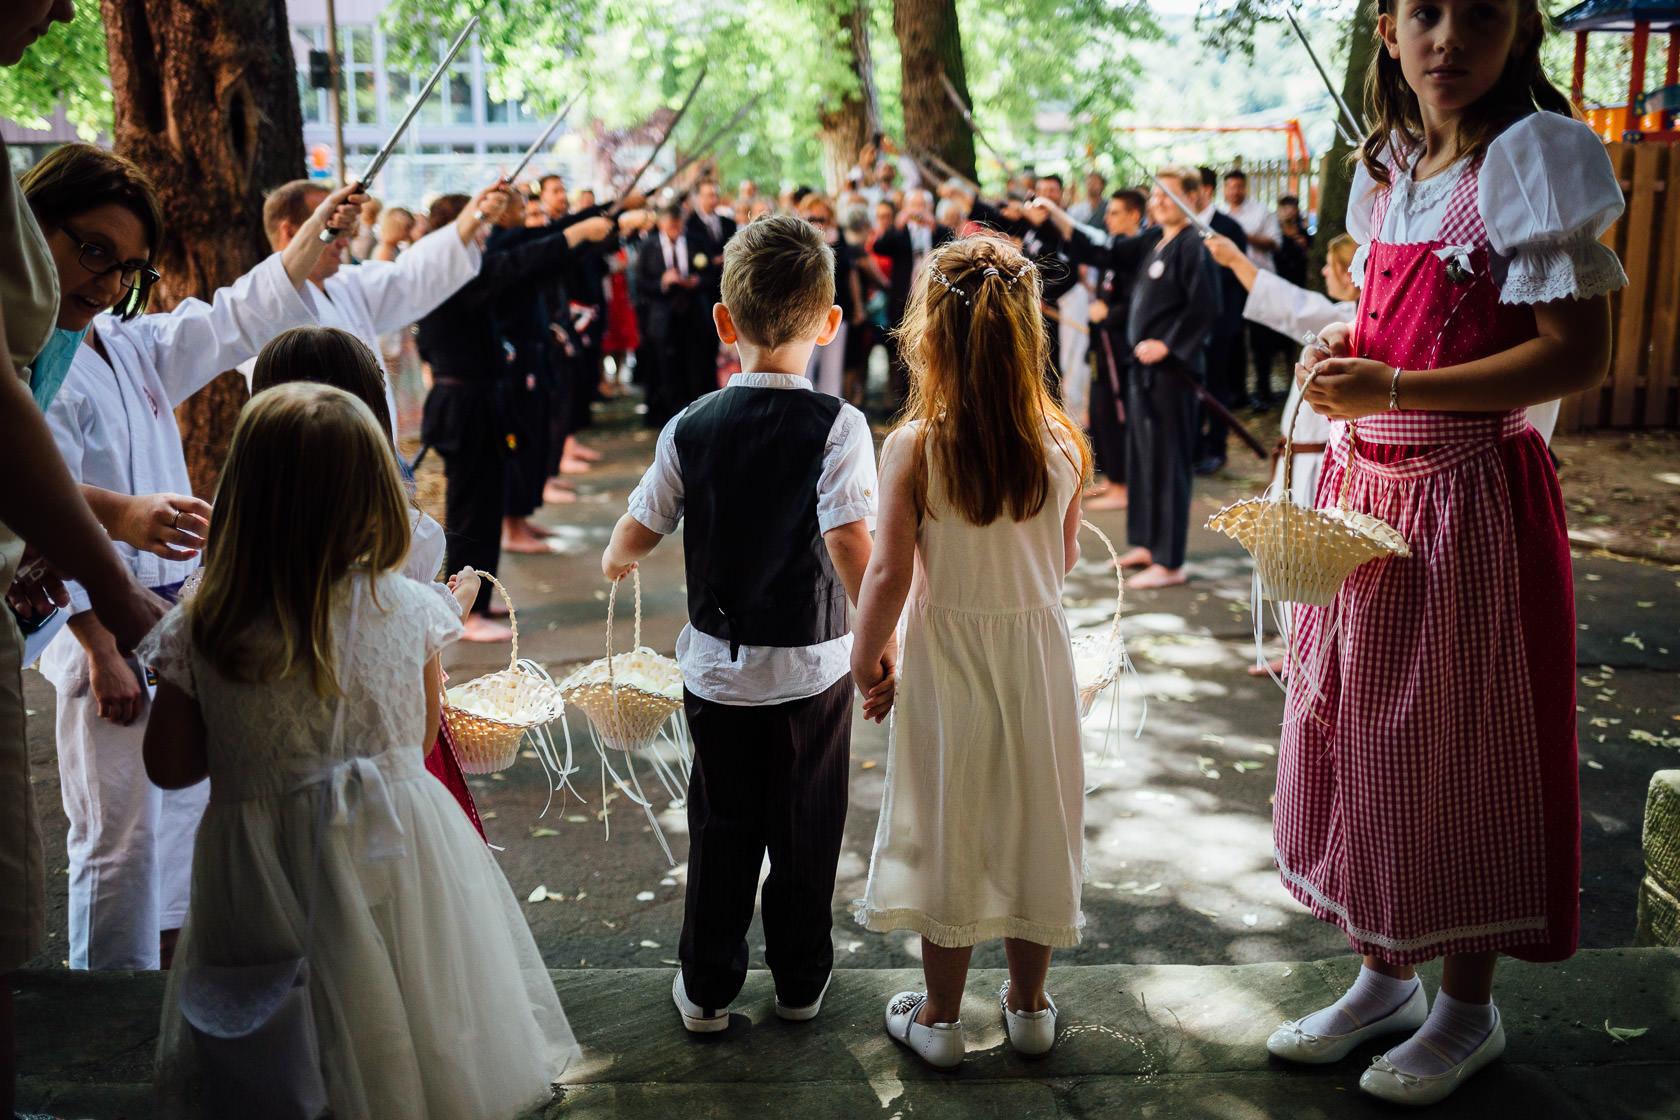 Hochzeit von Carmen und Dirk in Bad Kreuznach Trauung in der Ausmarsch